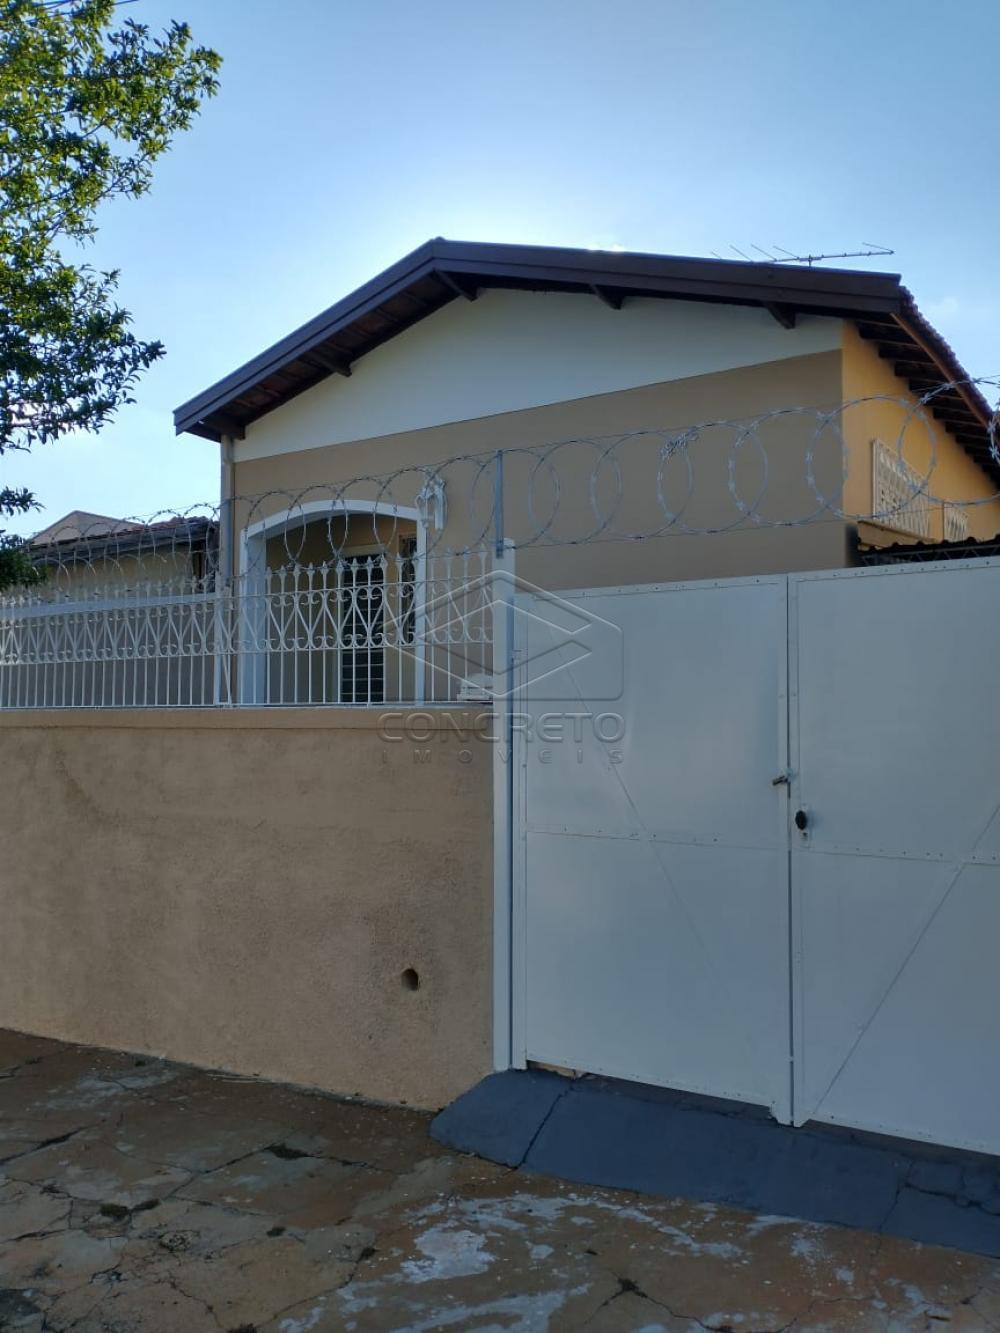 Alugar Casa / Padrão em Bauru apenas R$ 1.000,00 - Foto 1